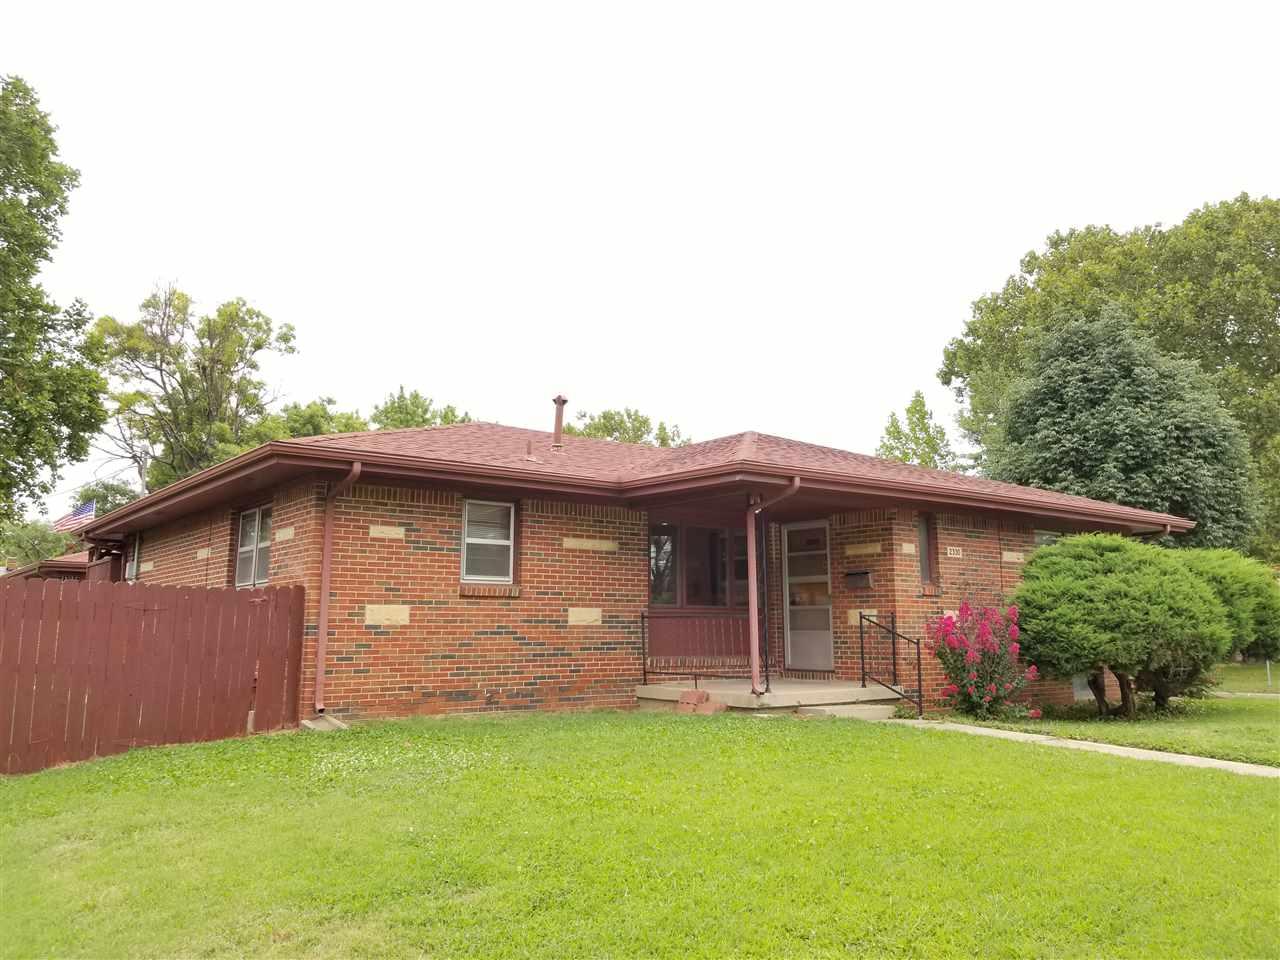 2330 E Blake St, Wichita, KS 67211